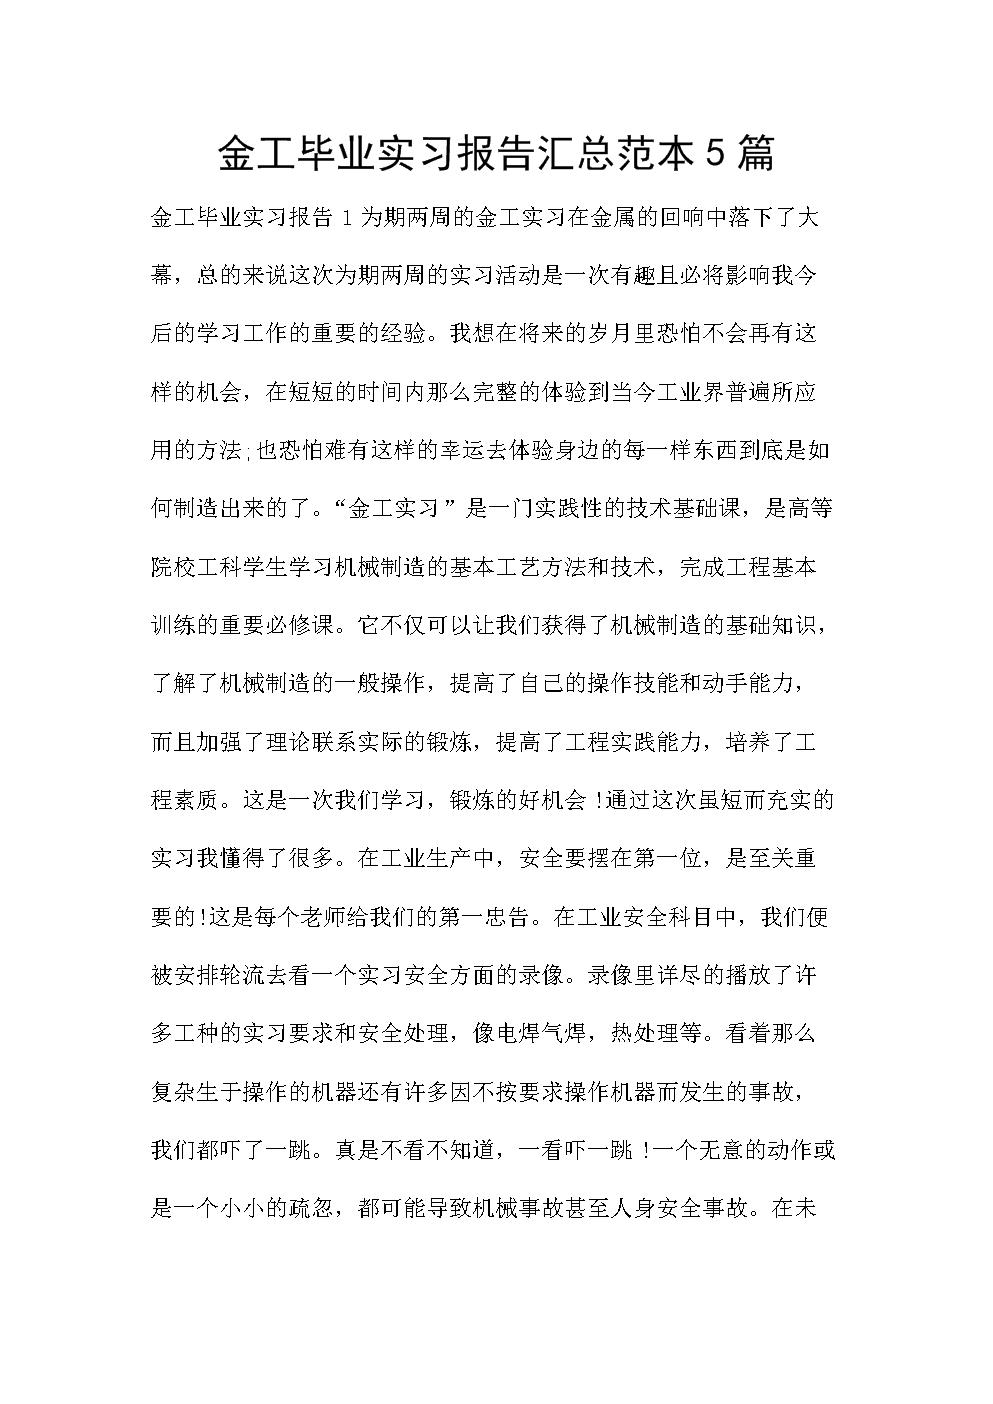 金工毕业实习报告汇总范本5篇.doc